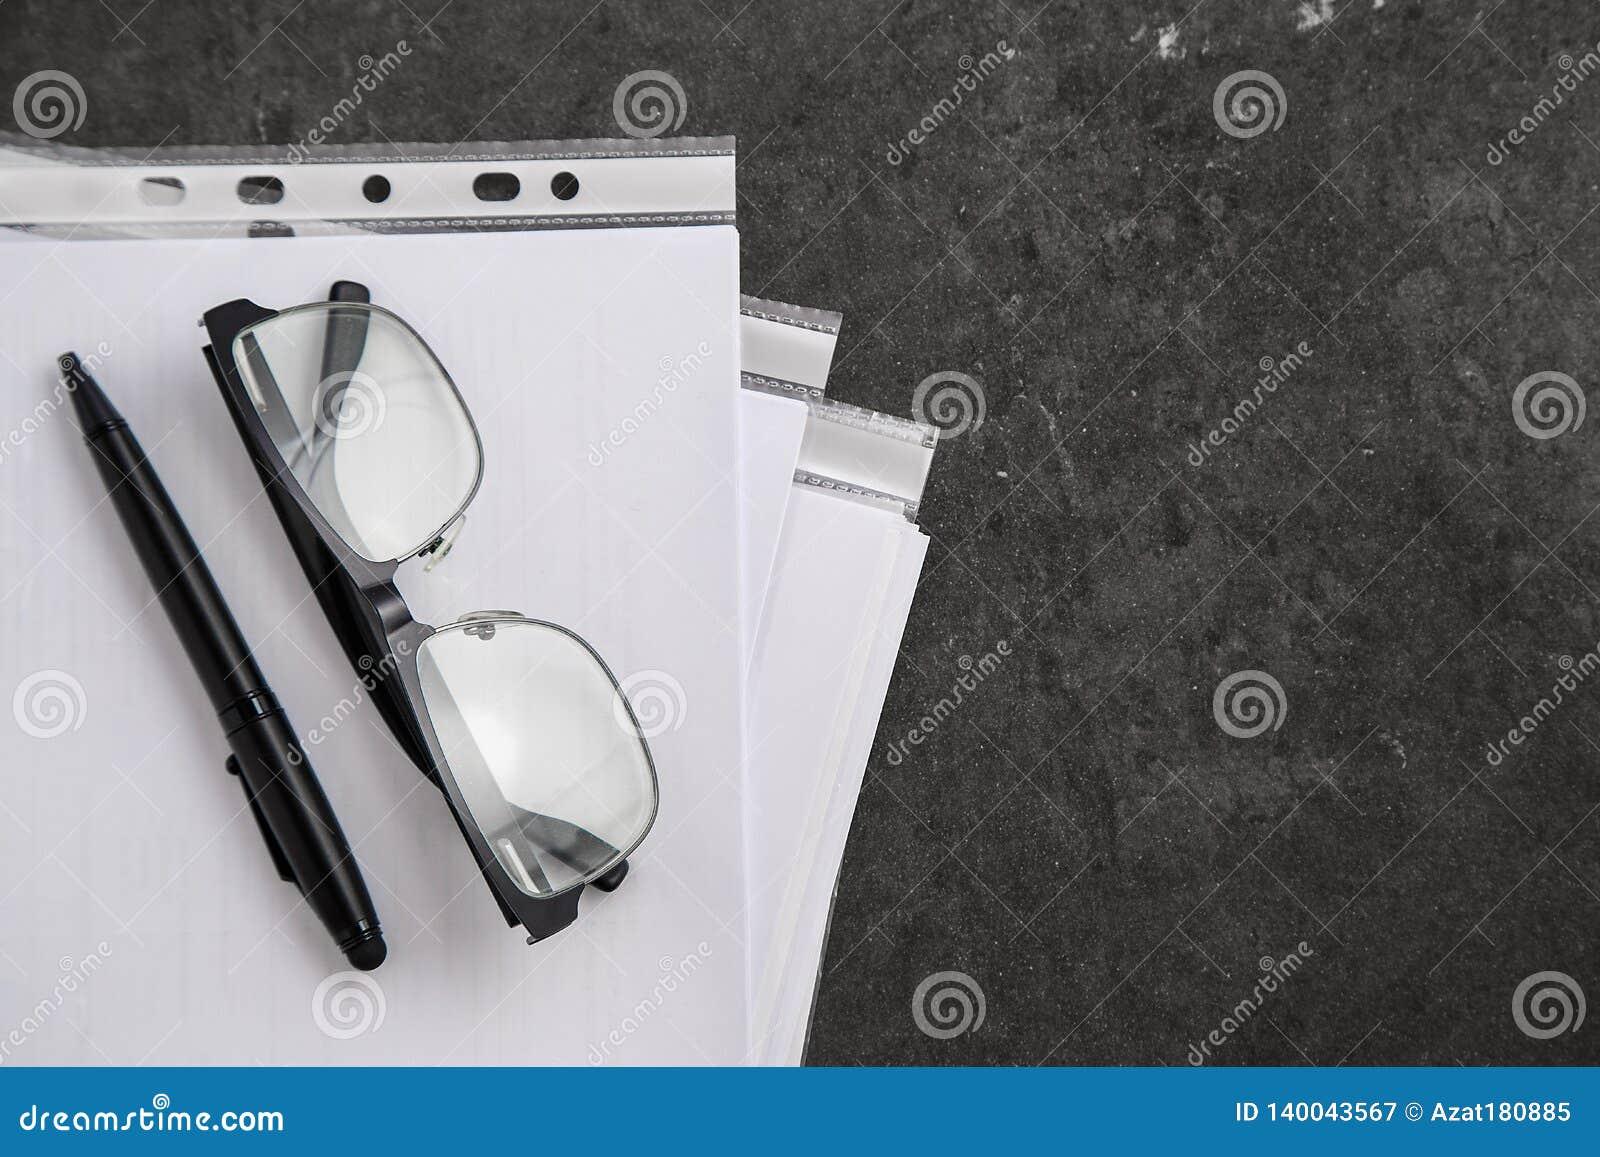 Zwart-omrande optische glazen op documenten op grijze marmeren achtergrond